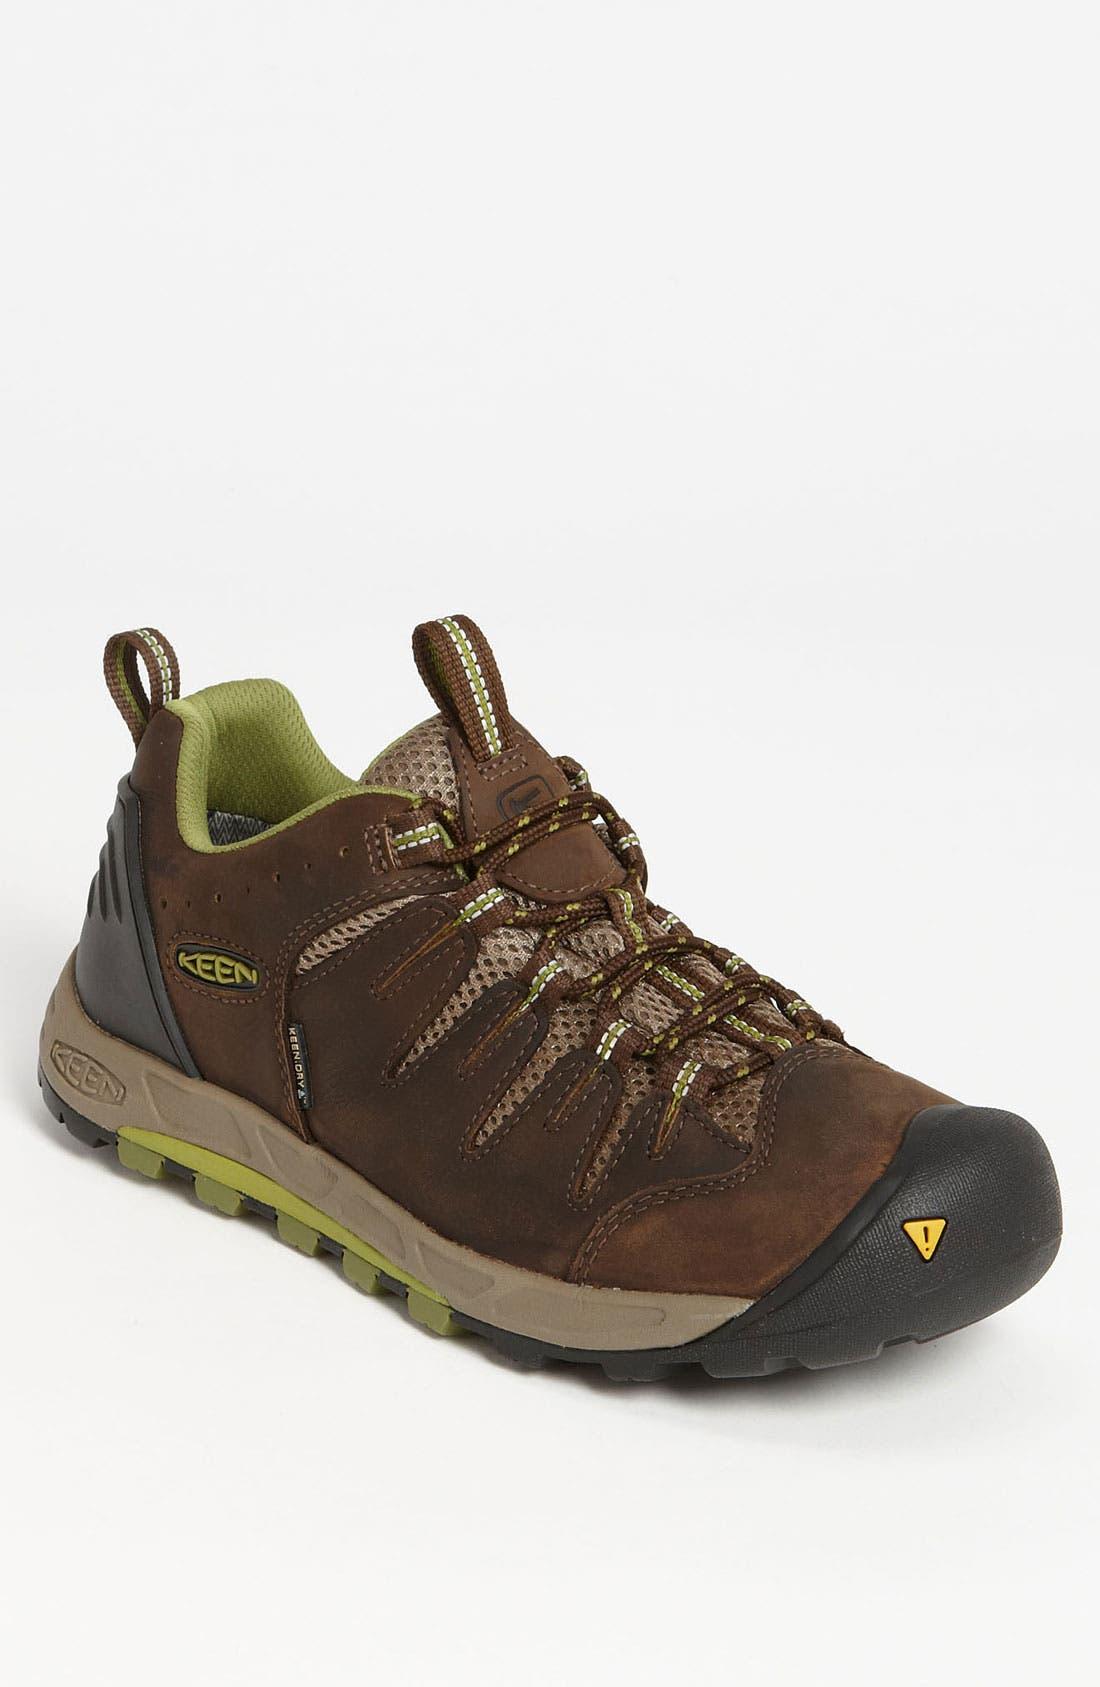 Main Image - Keen 'Bryce' Hiking Shoe (Men)